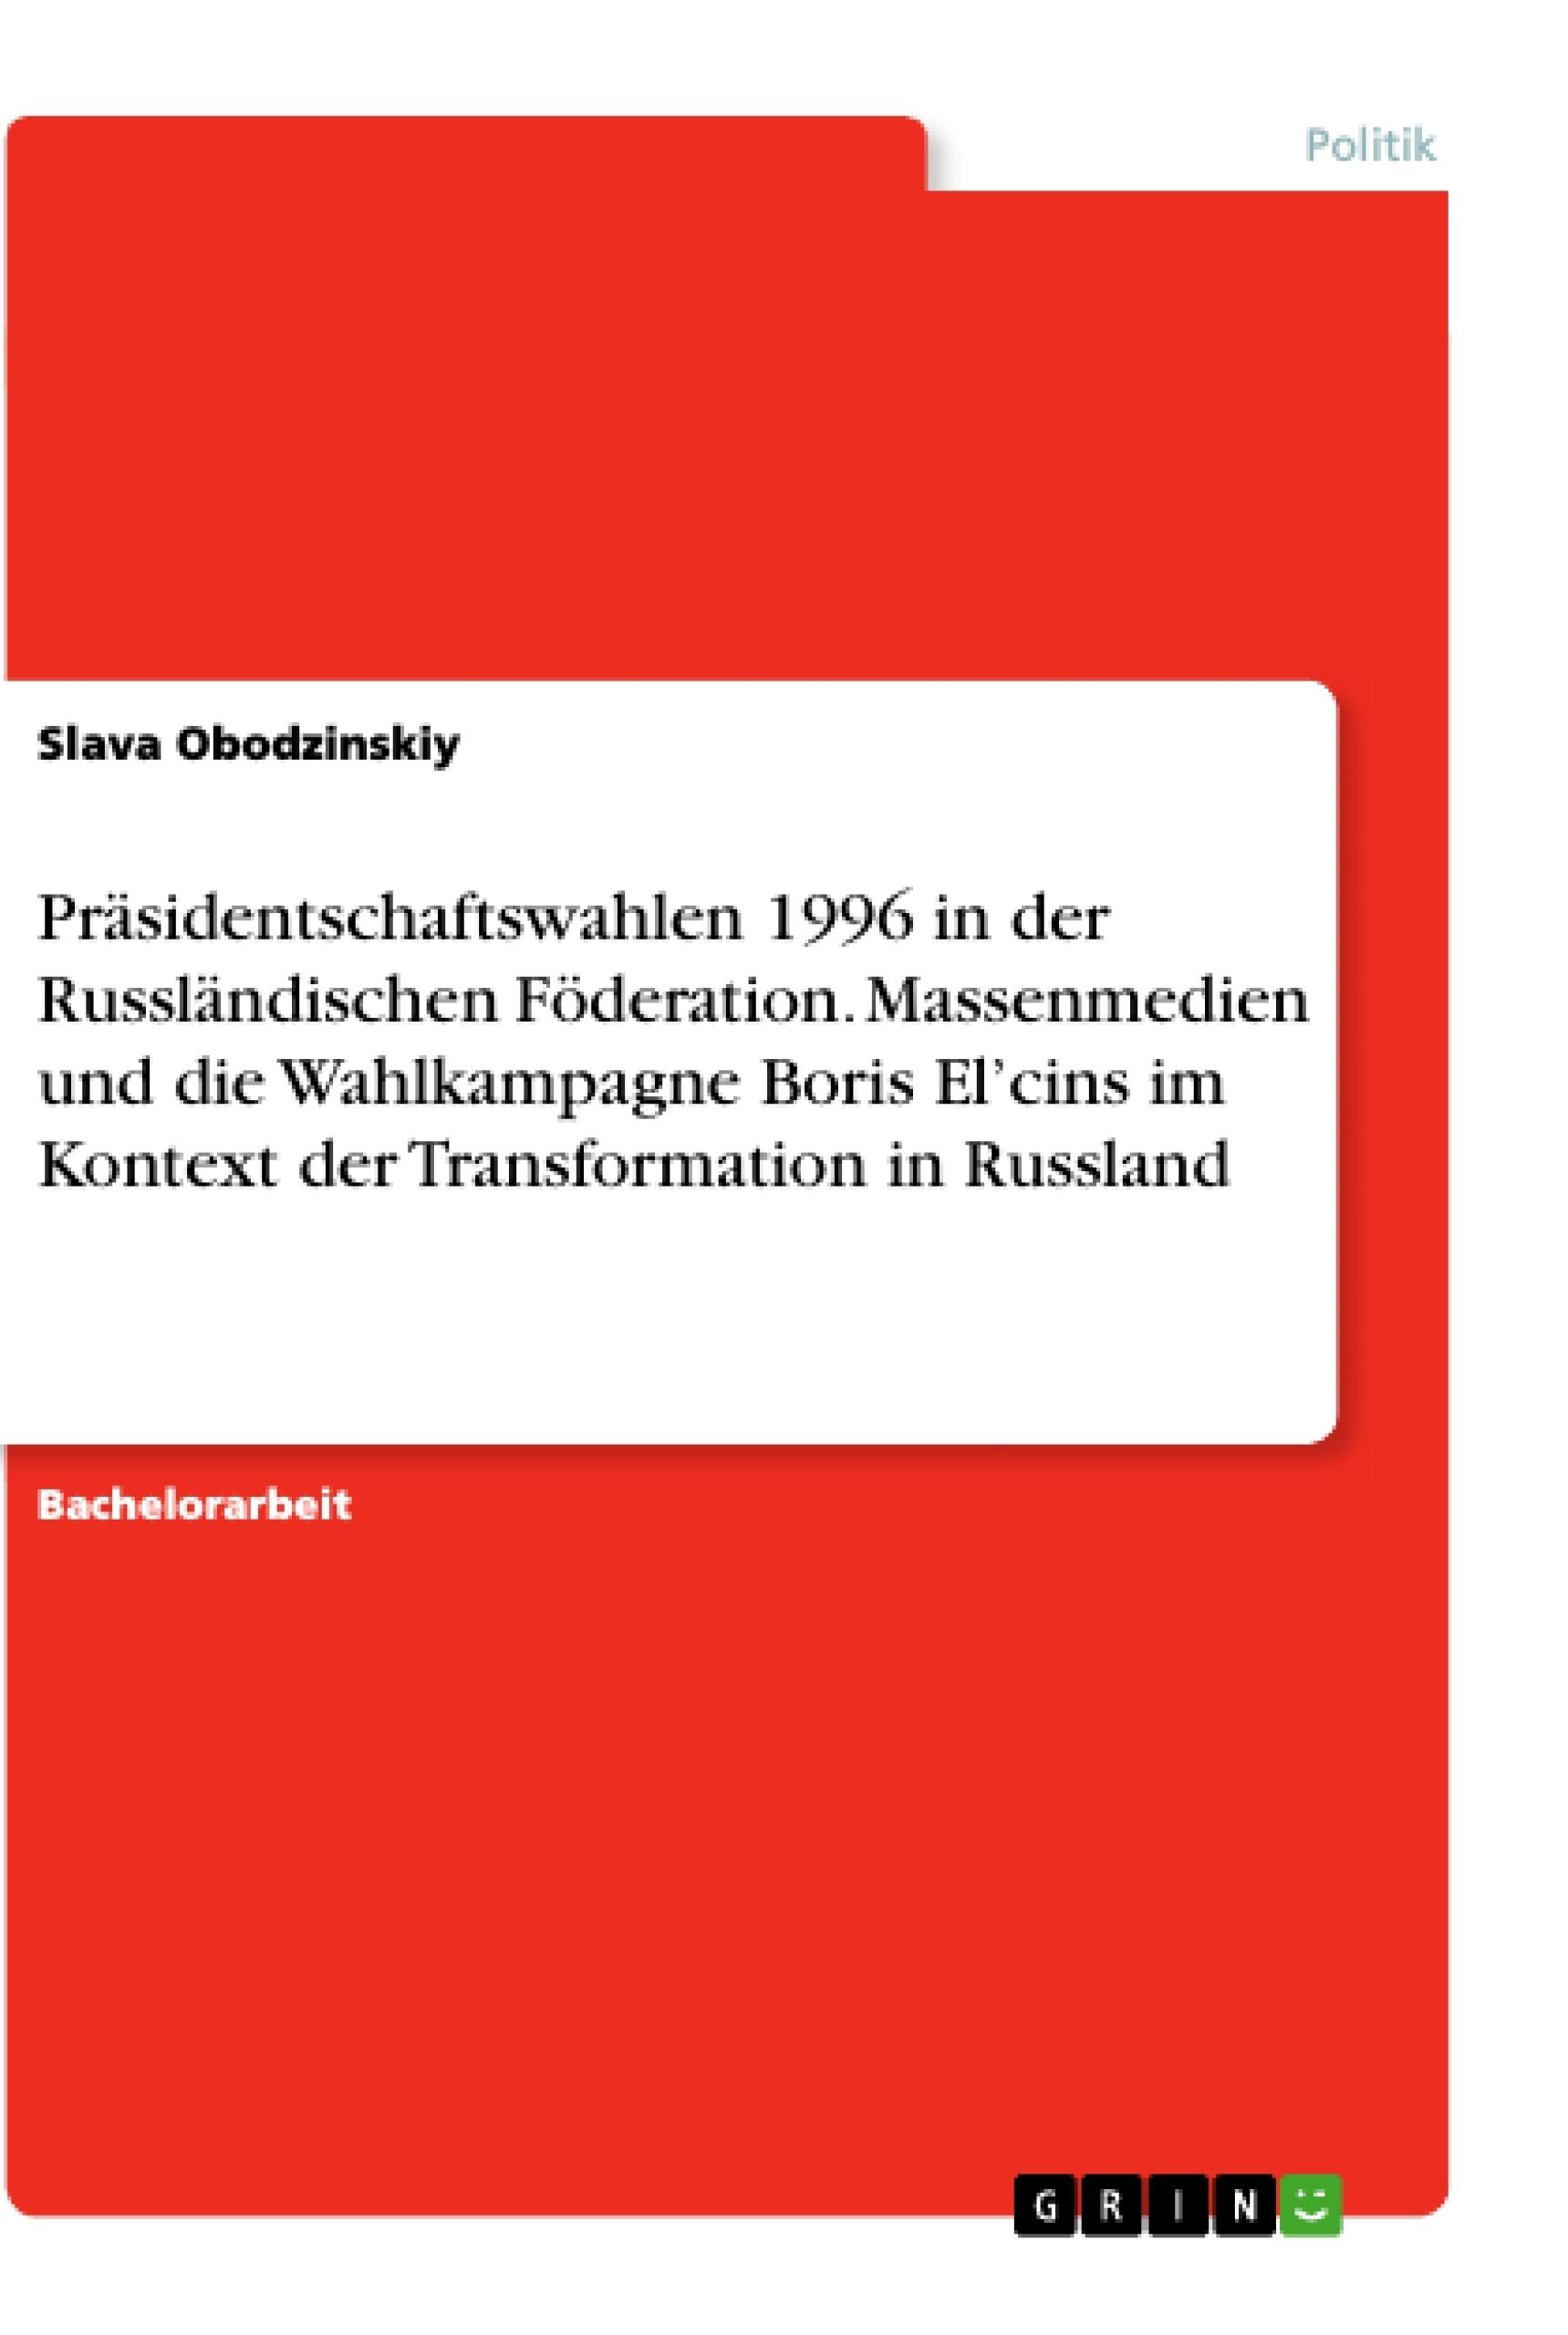 Titel: Präsidentschaftswahlen 1996 in der Russländischen Föderation. Massenmedien und die Wahlkampagne Boris El'cins im Kontext der Transformation in Russland